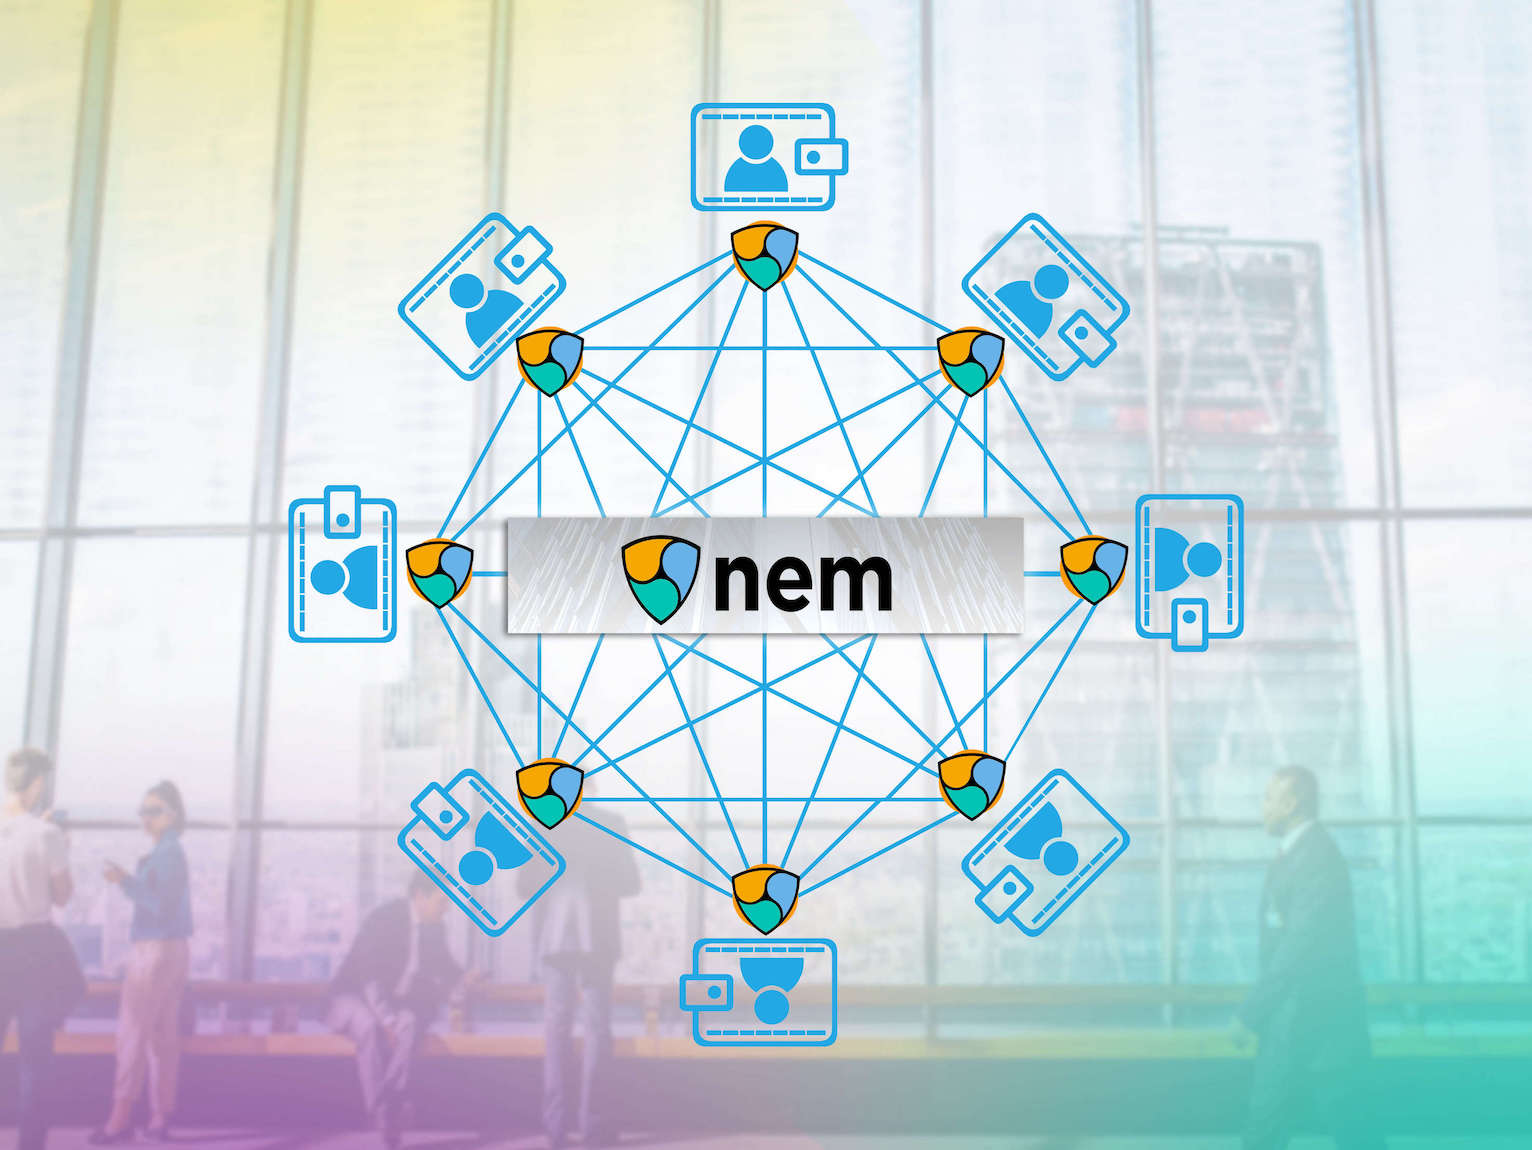 ネム(NEM/XEM)買うならアプリが簡単!売買や取引が外でも可能